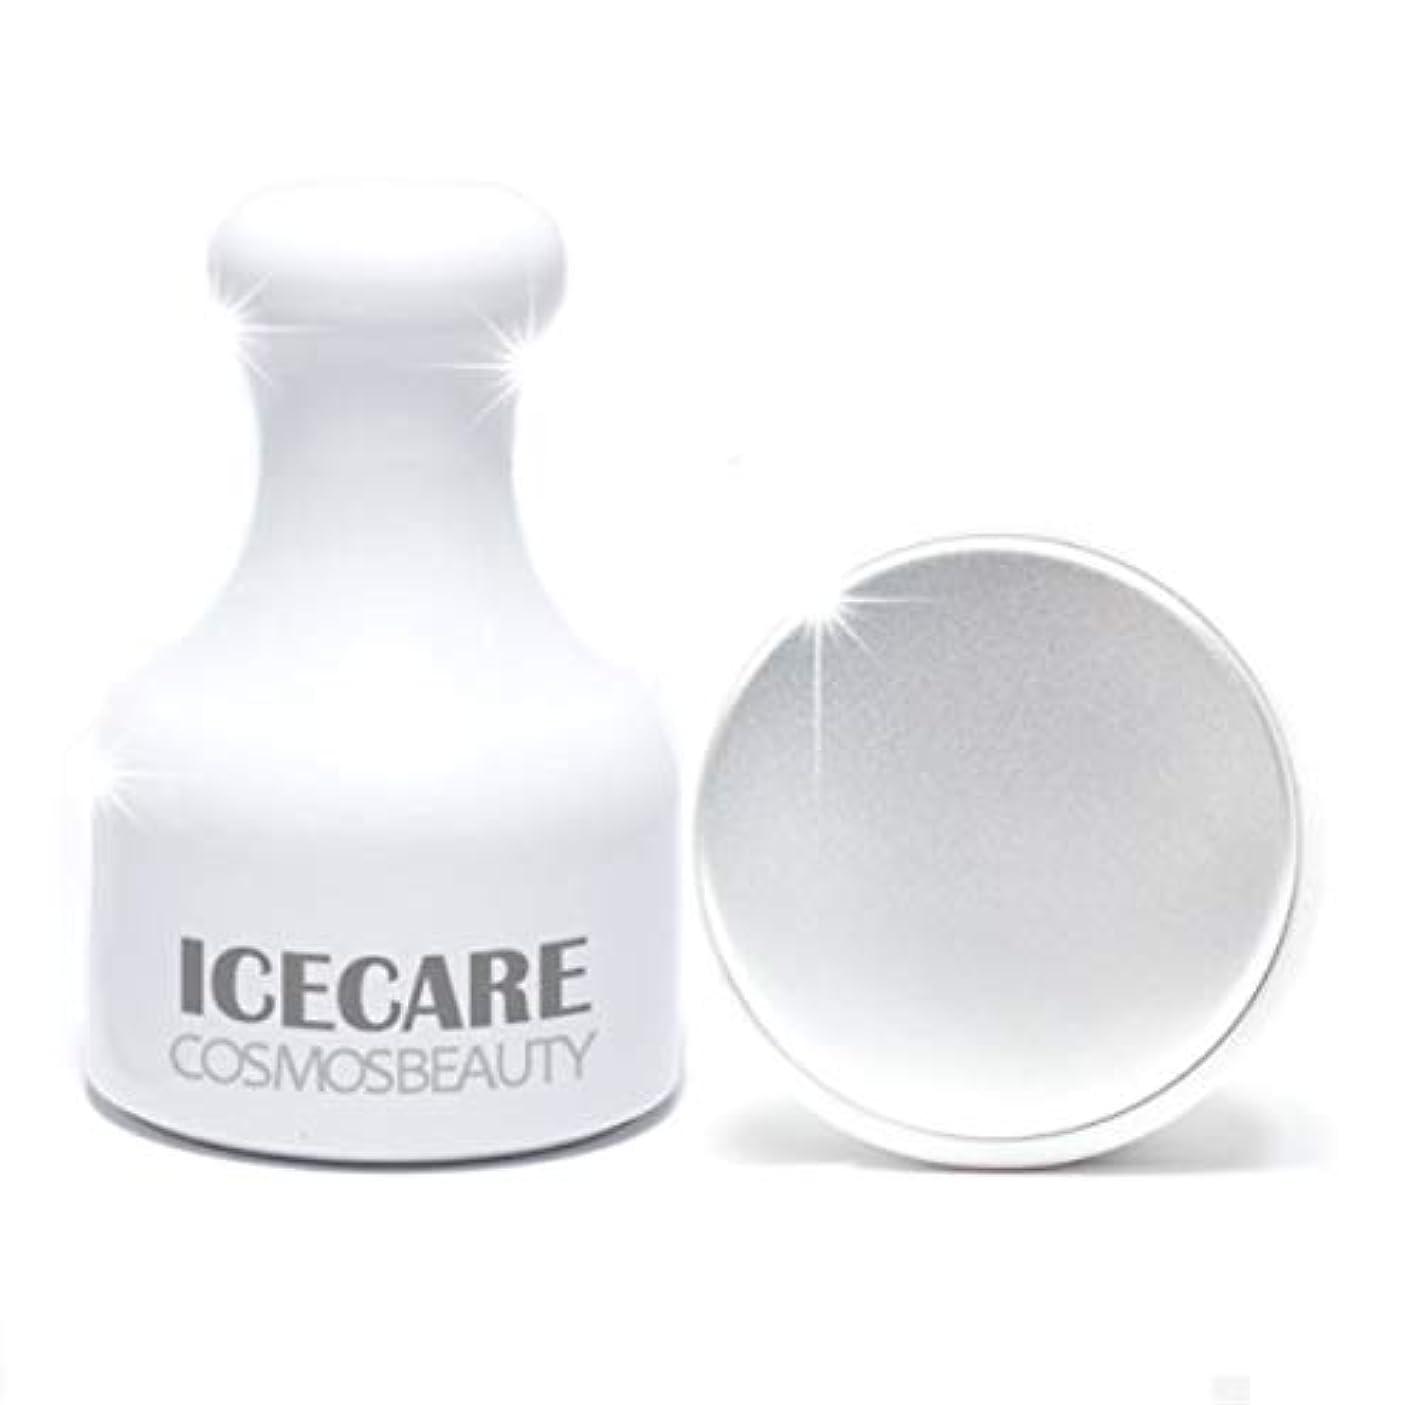 遵守する保護プレビスサイトCosmosbeauty Ice Care 毛穴ケア、冷マッサージ,フェイスクーラーアイスローラーフェイスローラー顔マッサージ機構の腫れ抜き方法毛穴縮小(海外直送品)